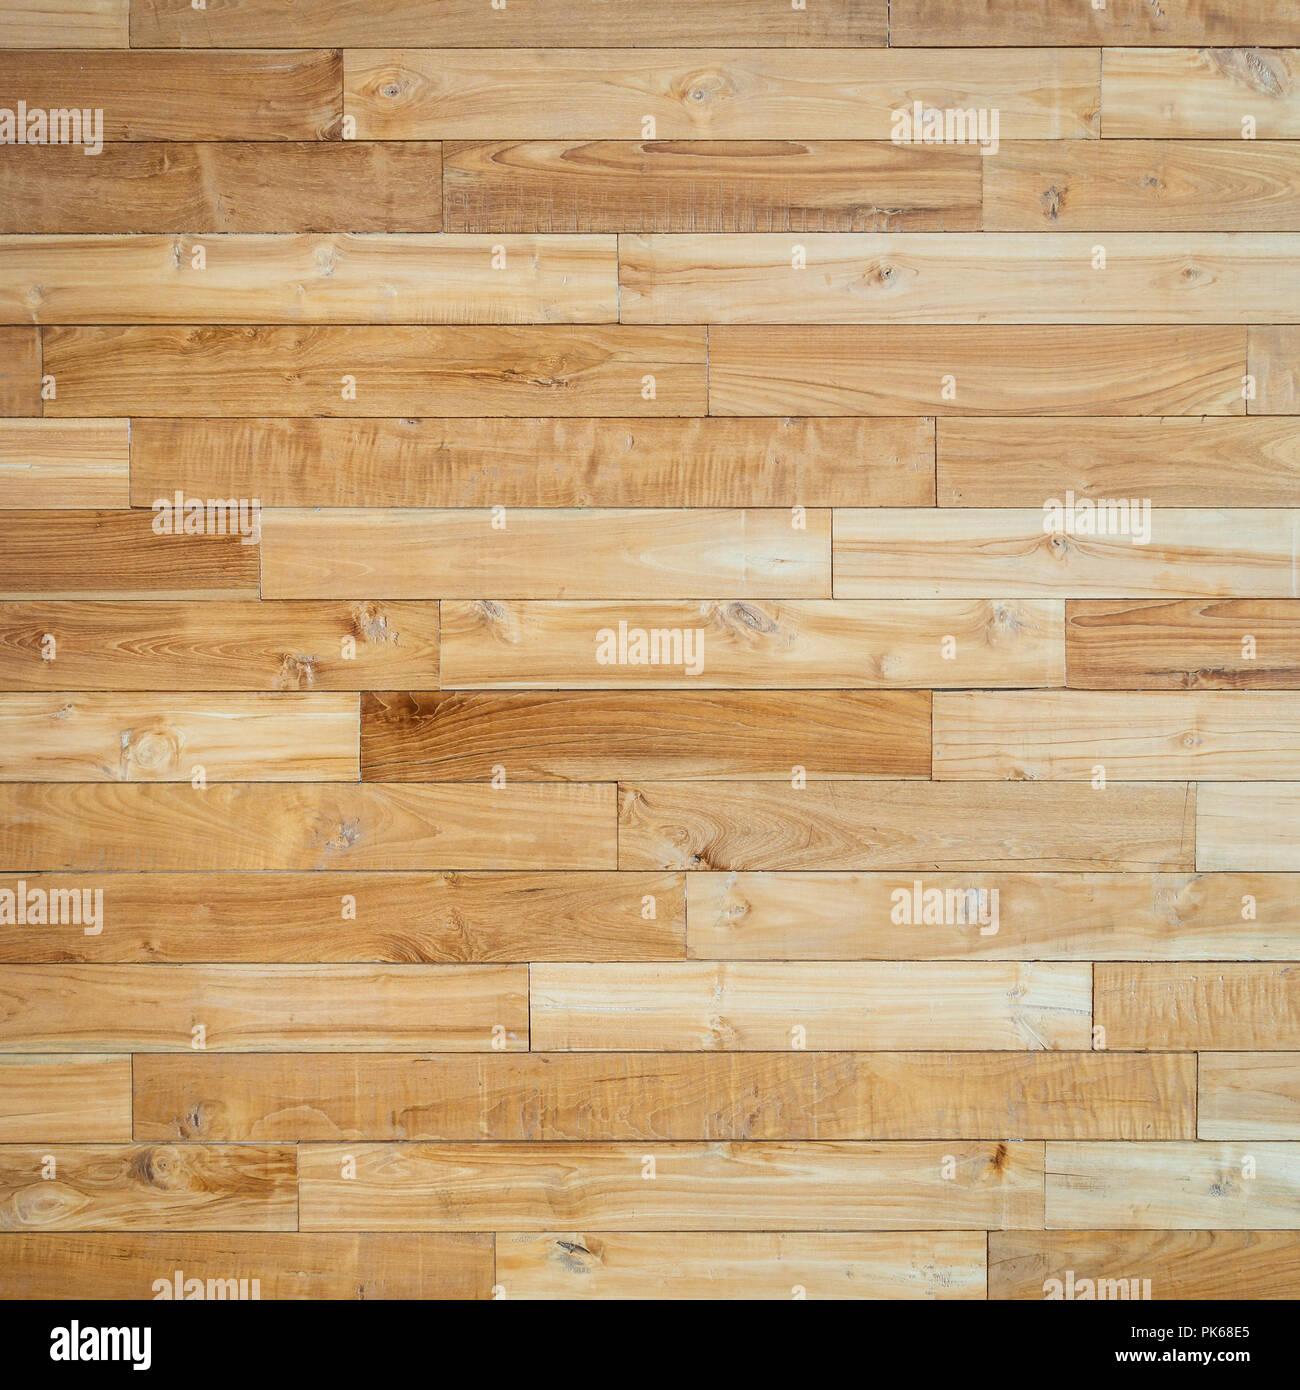 Parquet floor texture, square crop - Stock Image